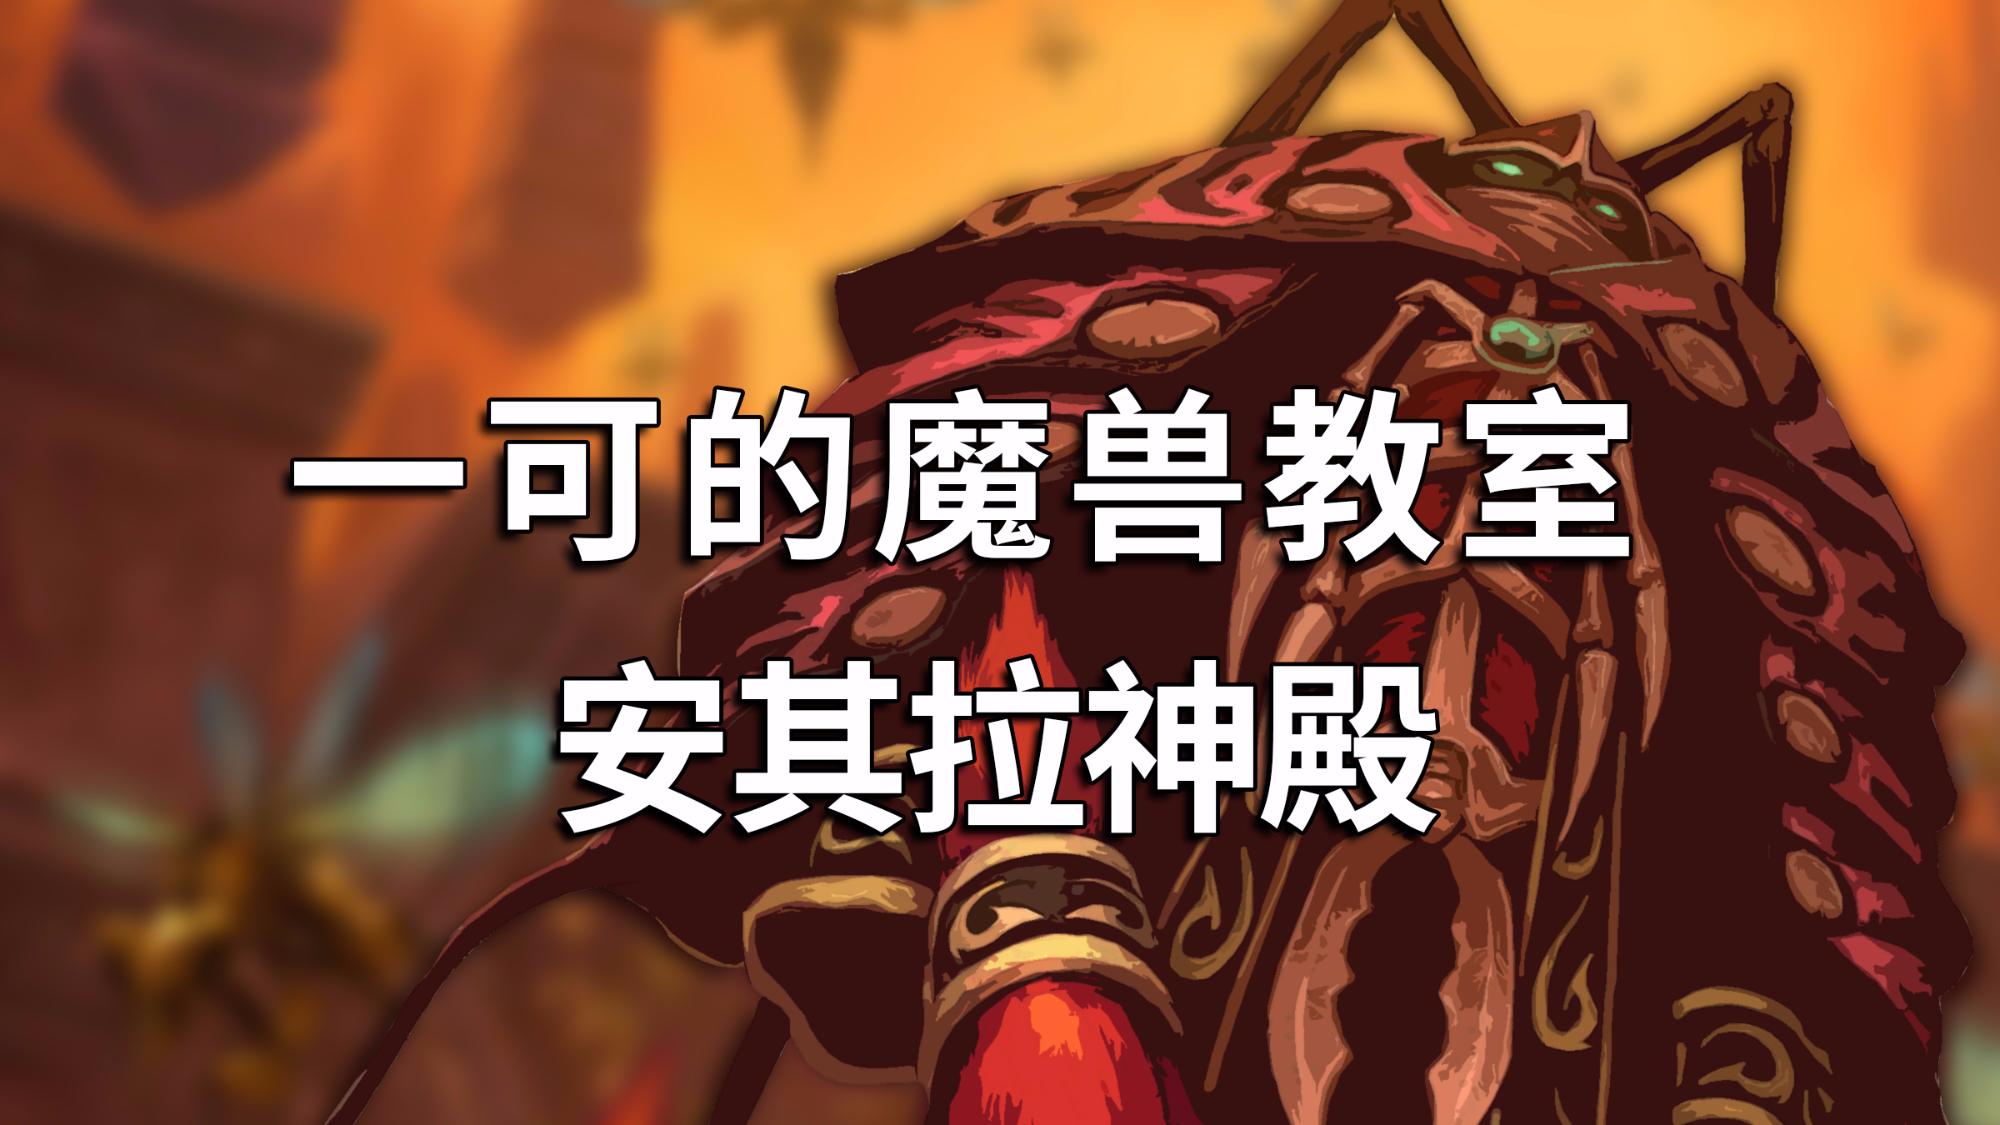 【一可的魔兽教室】安其拉神殿攻略合集(已完结)